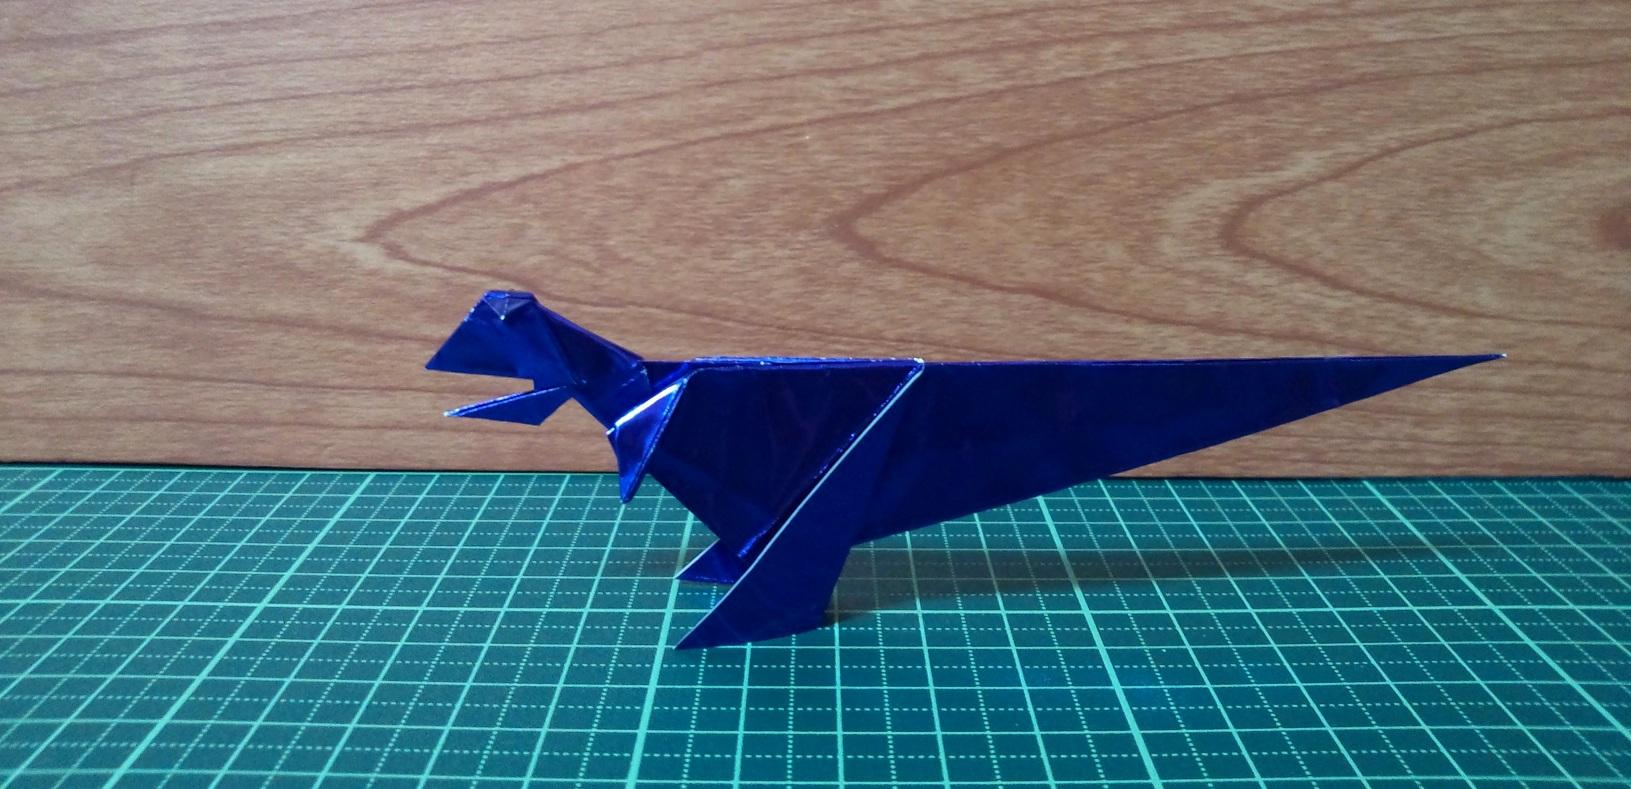 Carnotaurus_.jpg